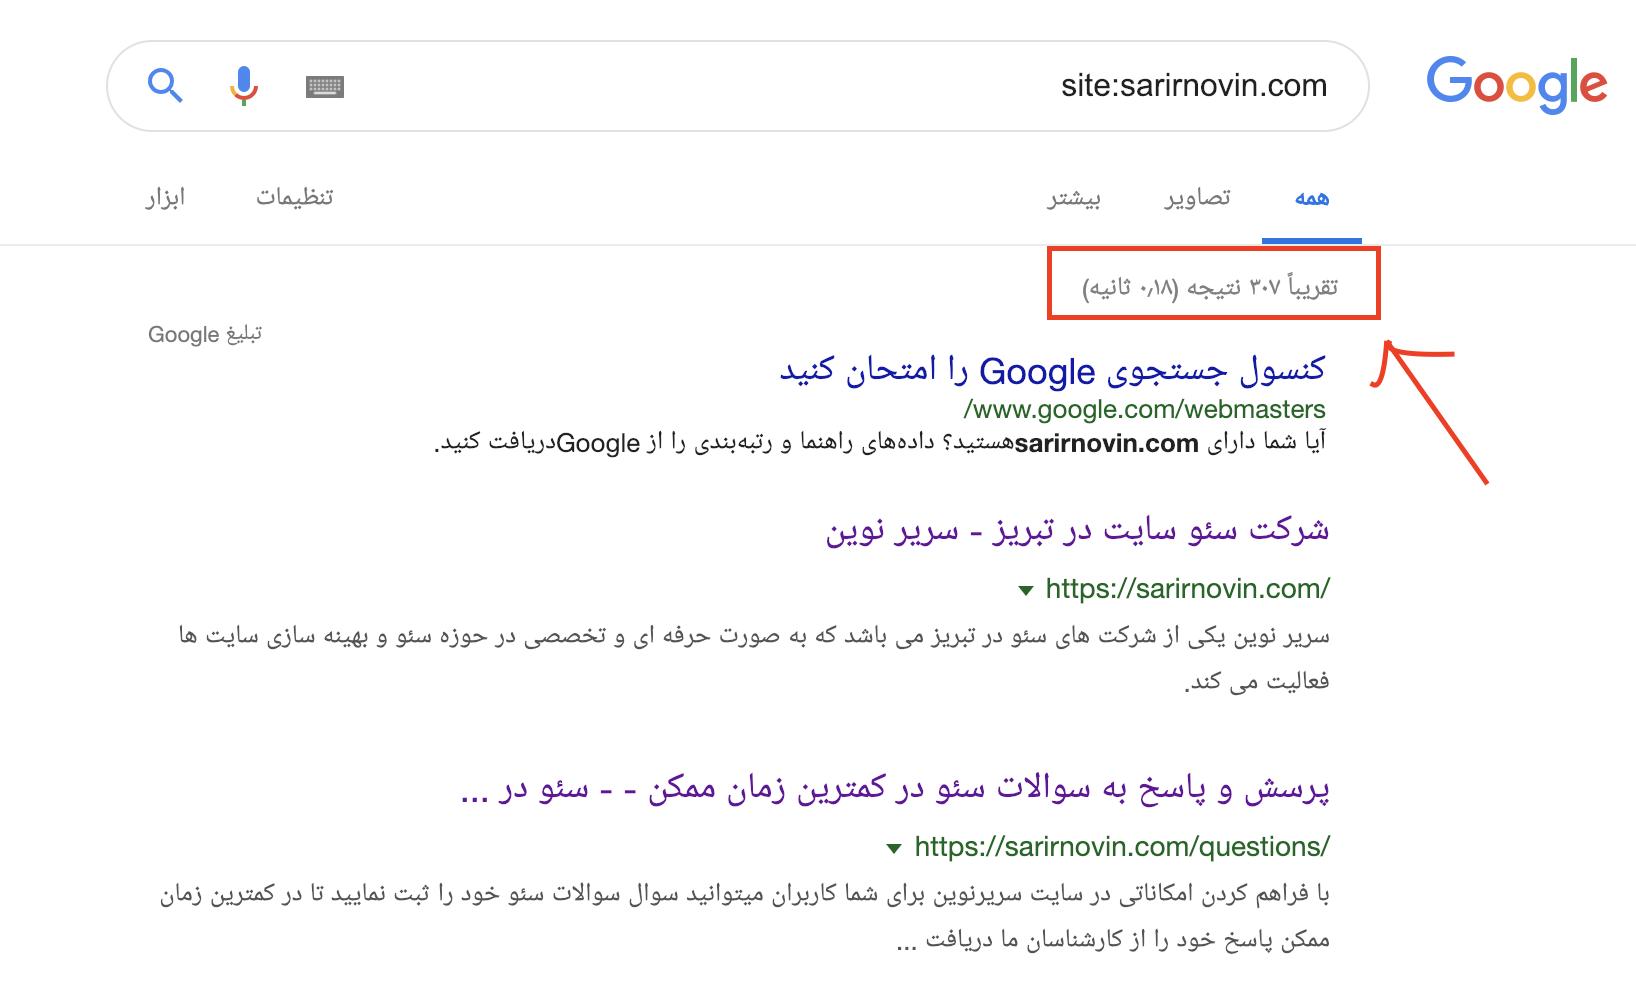 تعداد صفحات ایندکس شده در گوگل